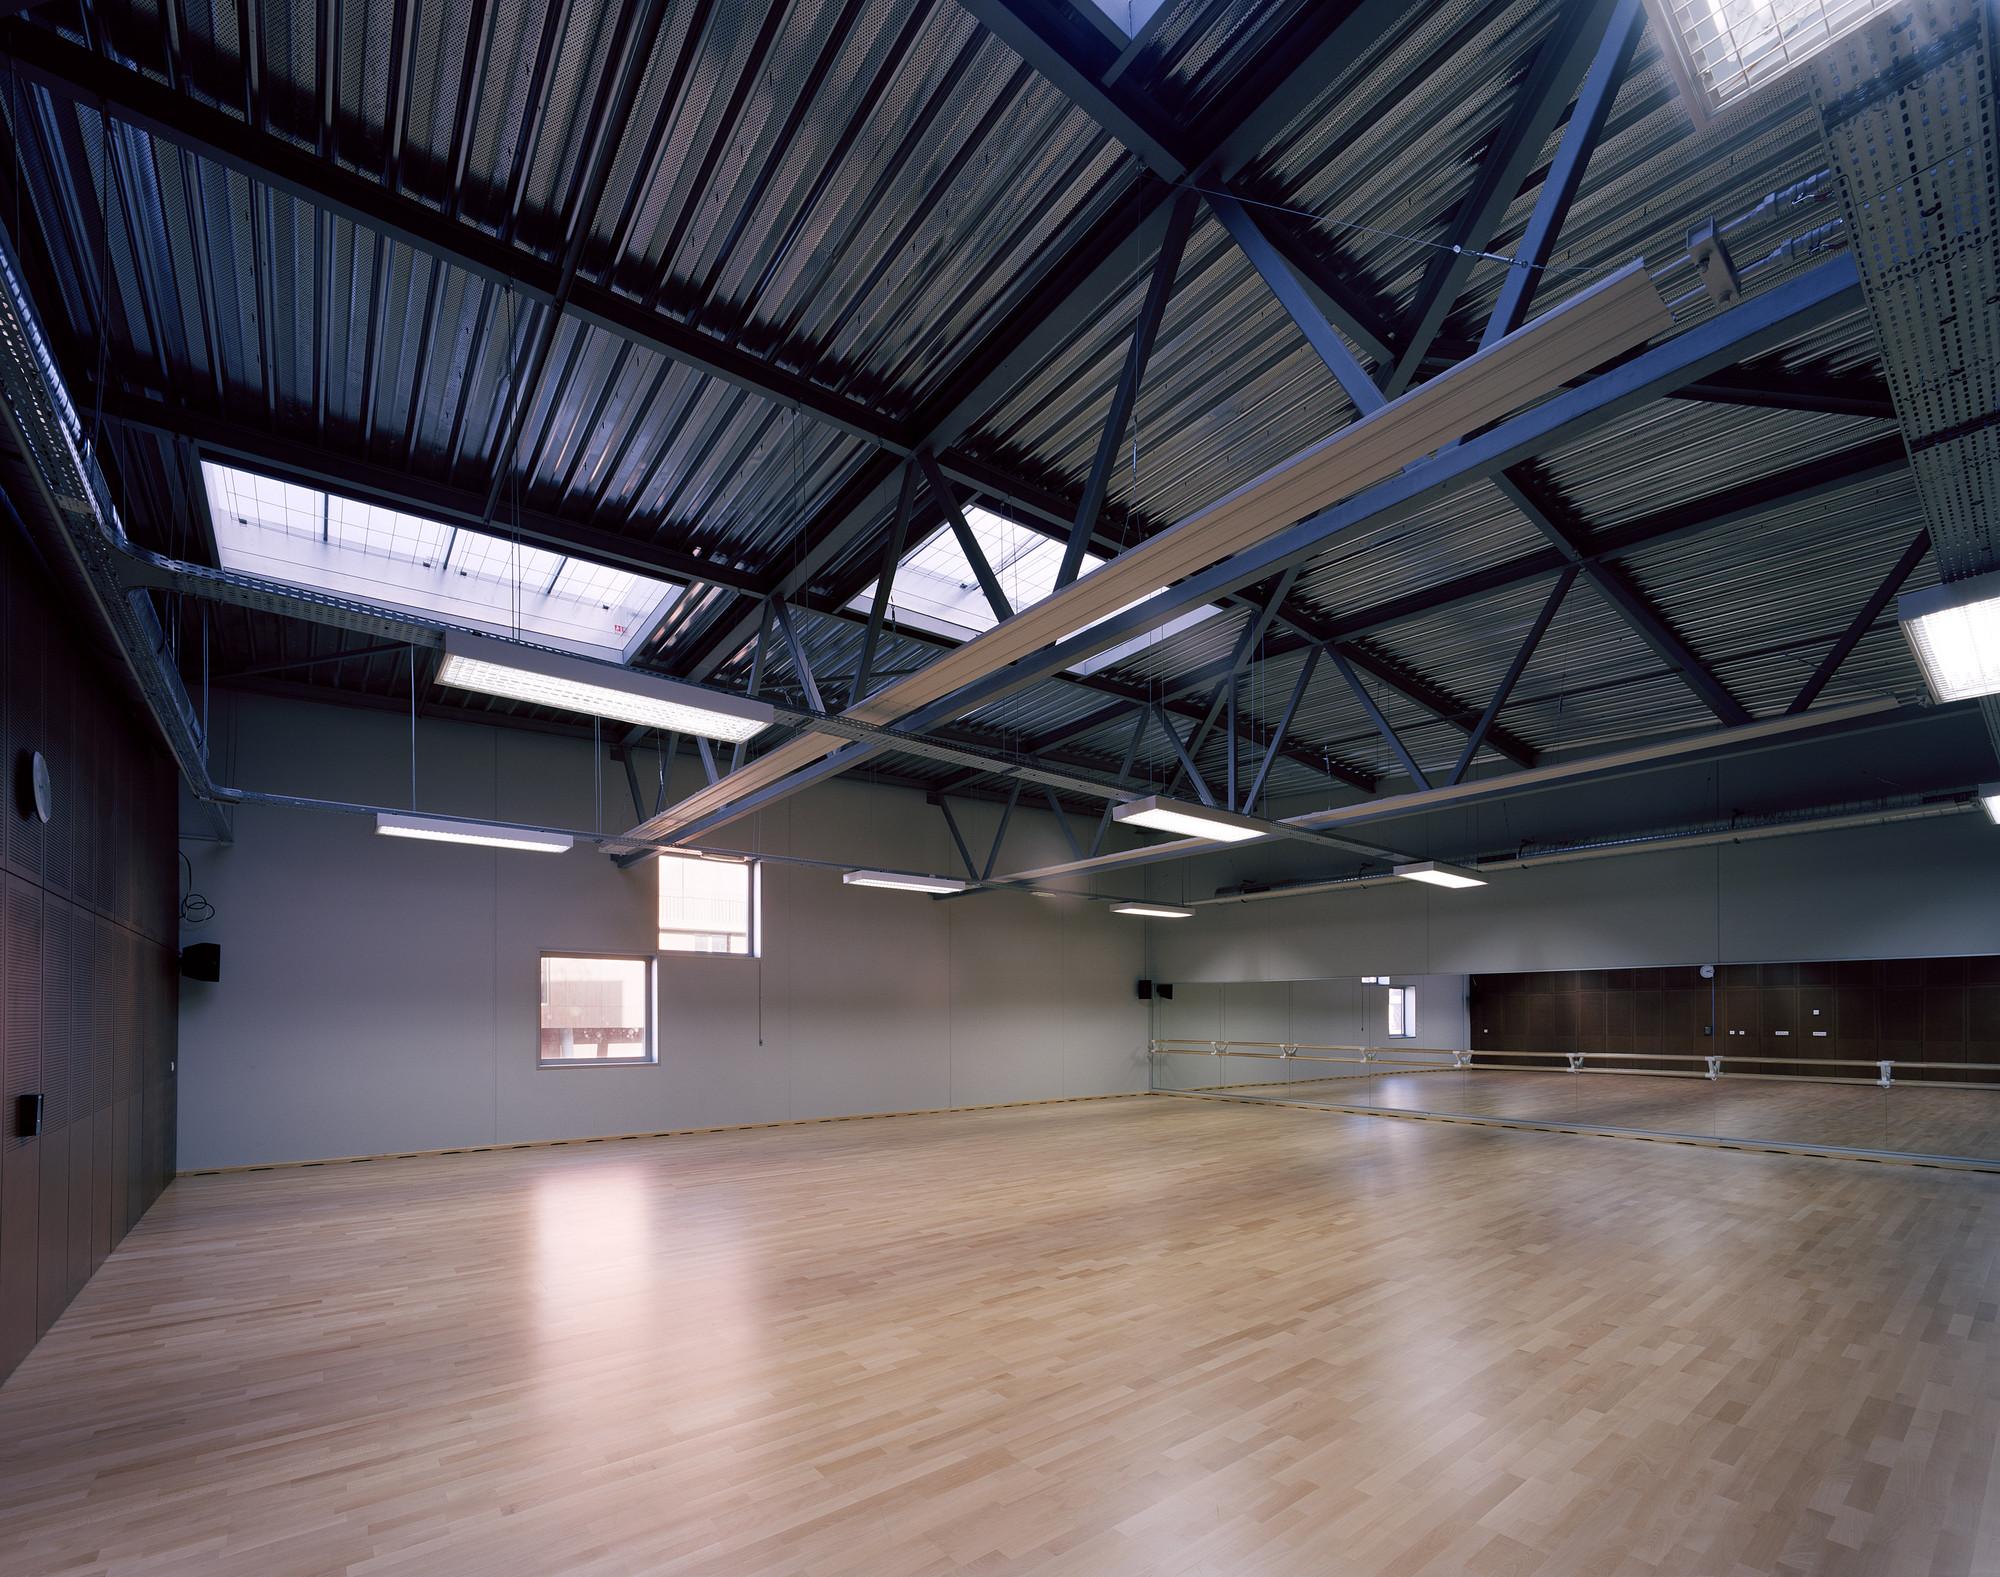 galeria de complexo multiesportivo antony archi5 associados com tecnova architecture 4. Black Bedroom Furniture Sets. Home Design Ideas